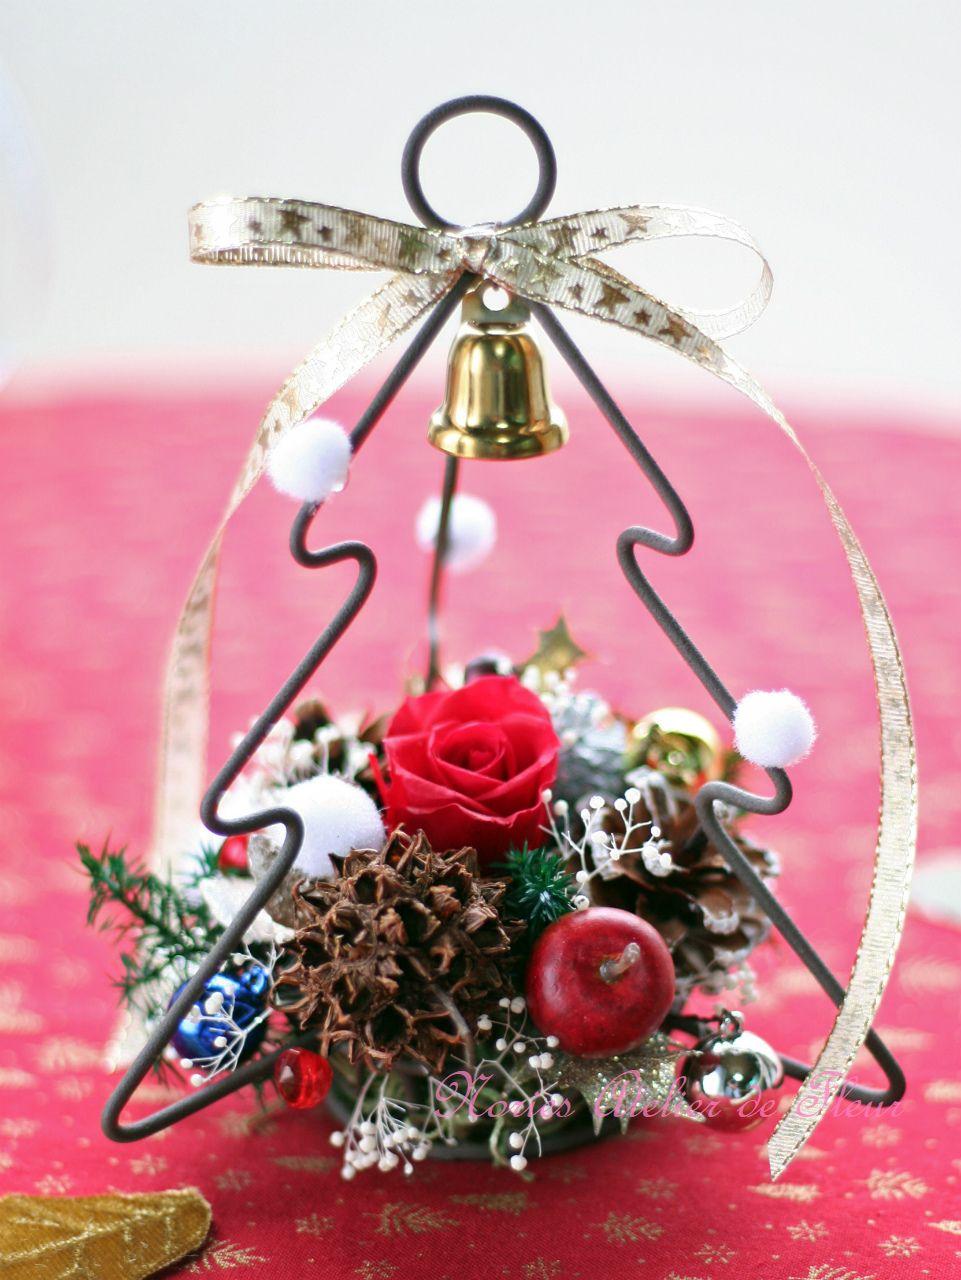 クリスマスミニデコレーション ツリー型のプリザーブドフラワーアレンジメント